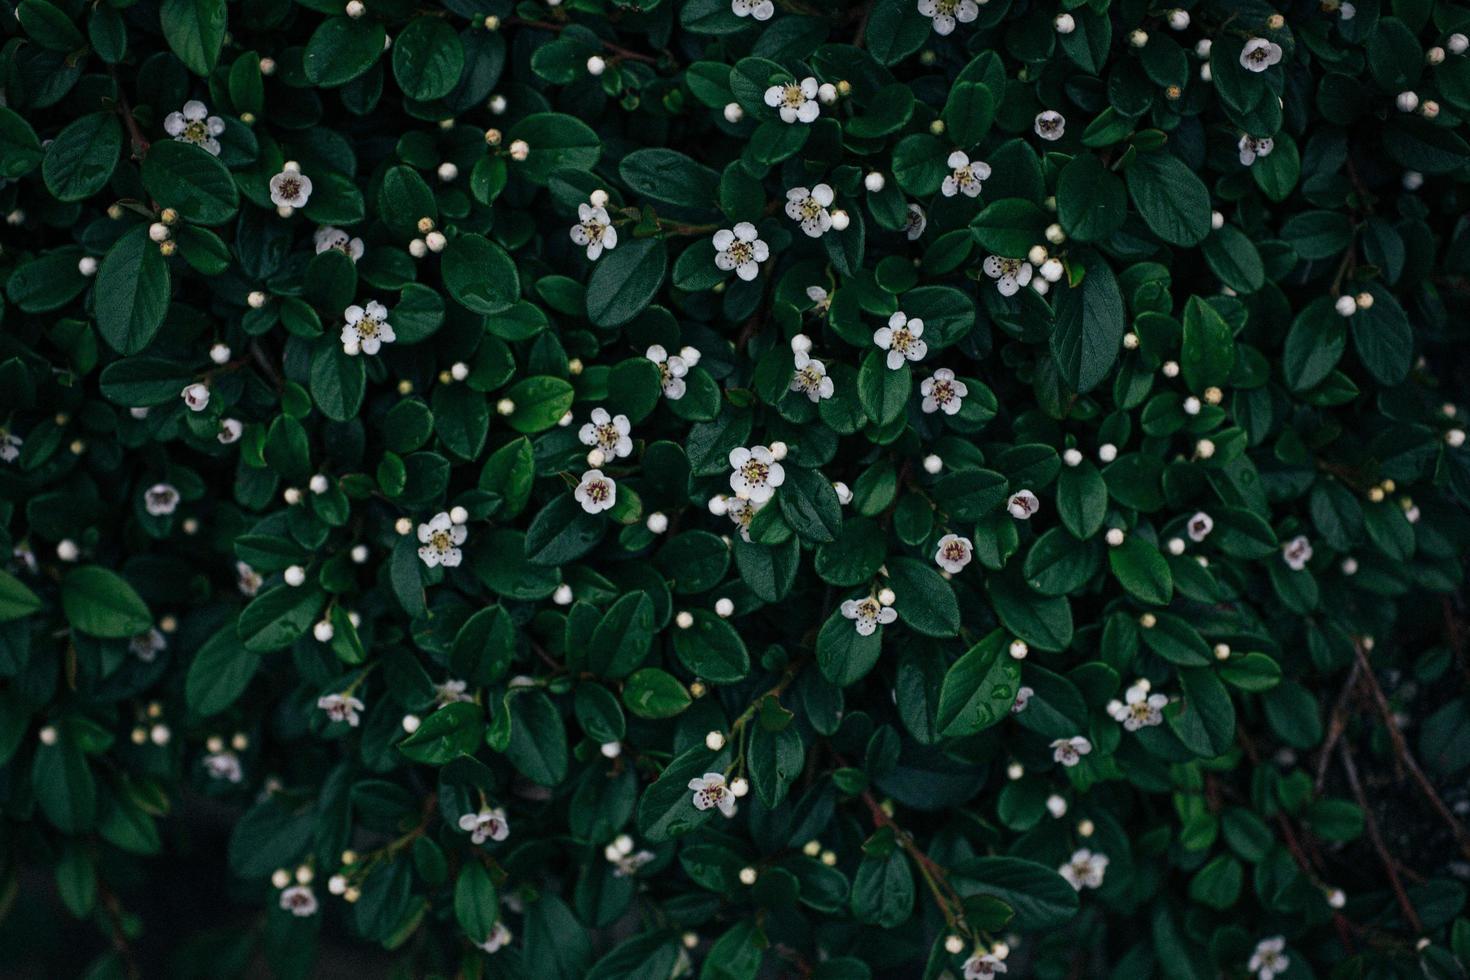 kleine weiße Blüten mit grünen Blättern foto